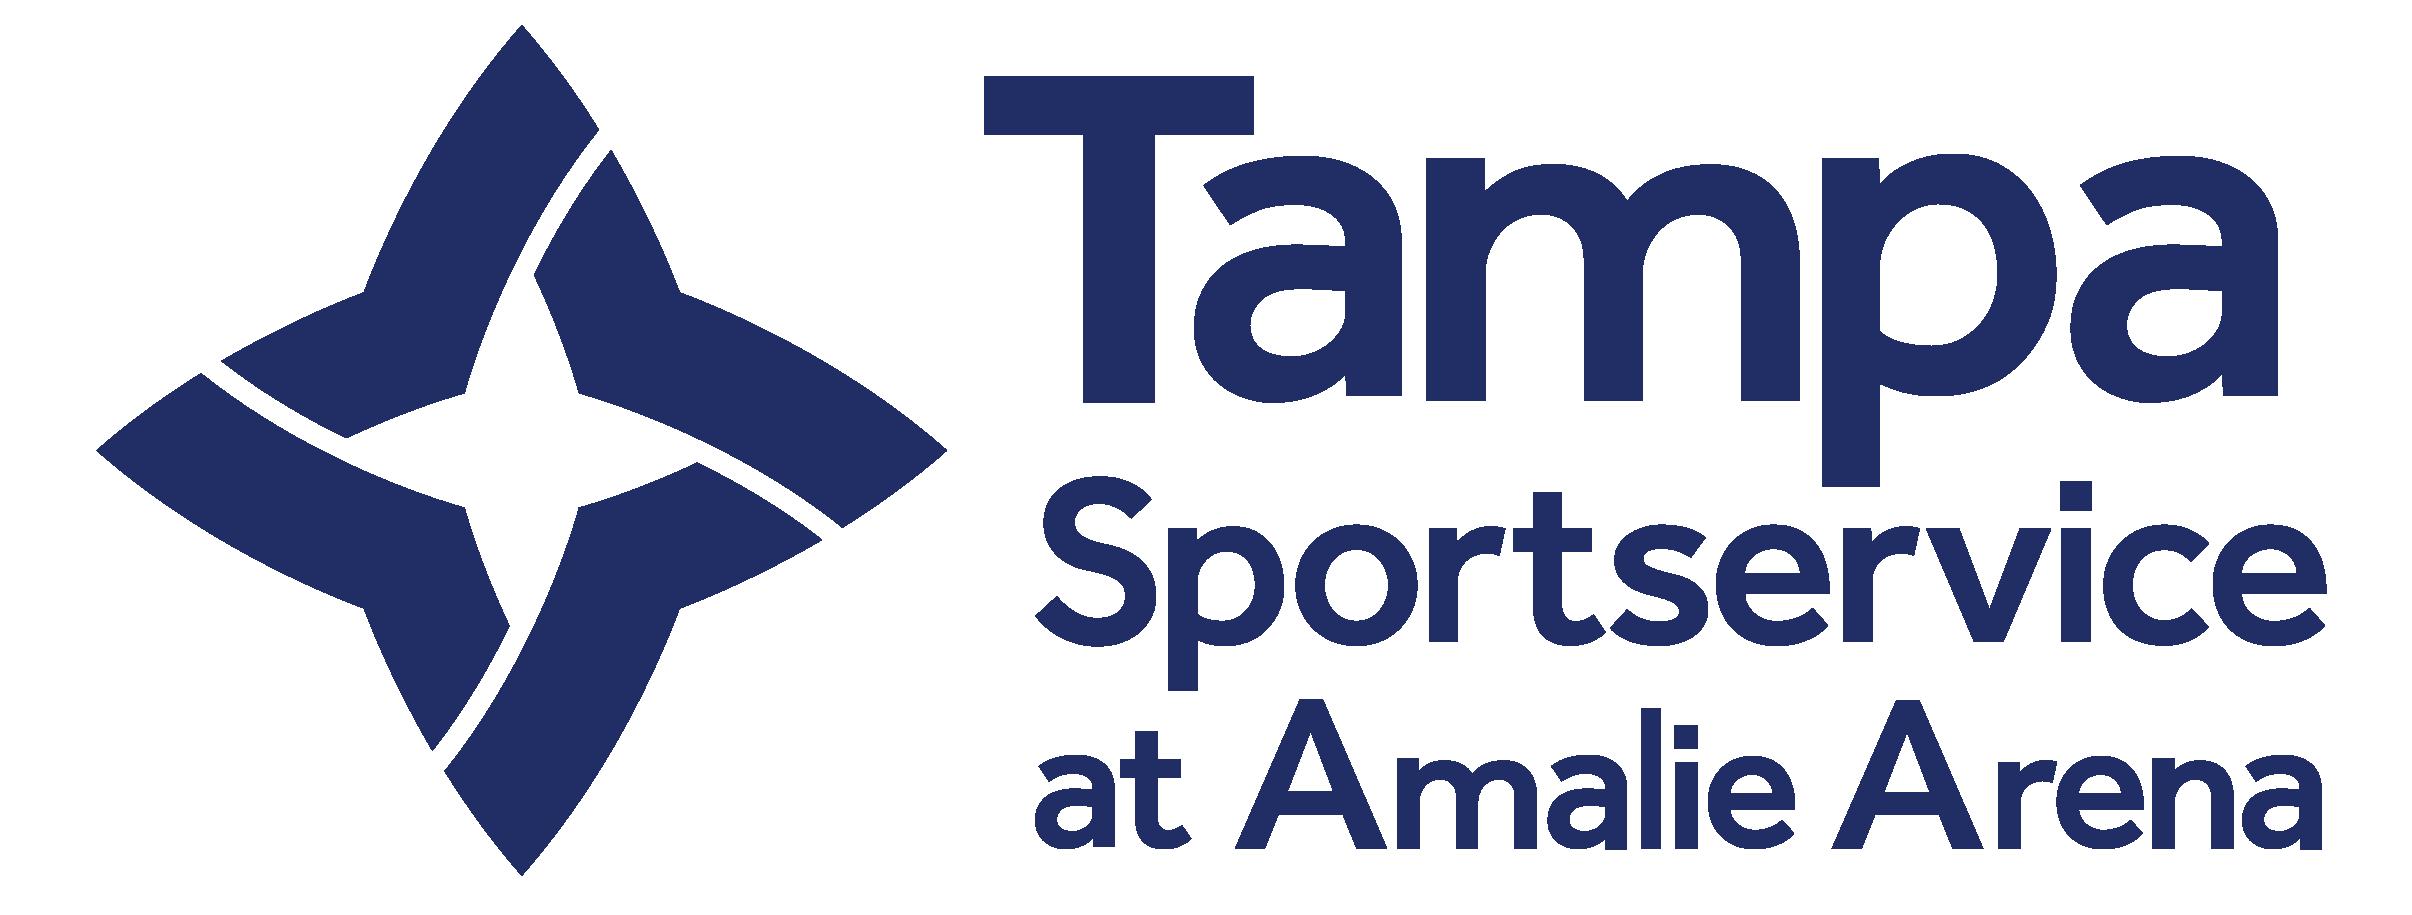 Tampa Sportservice